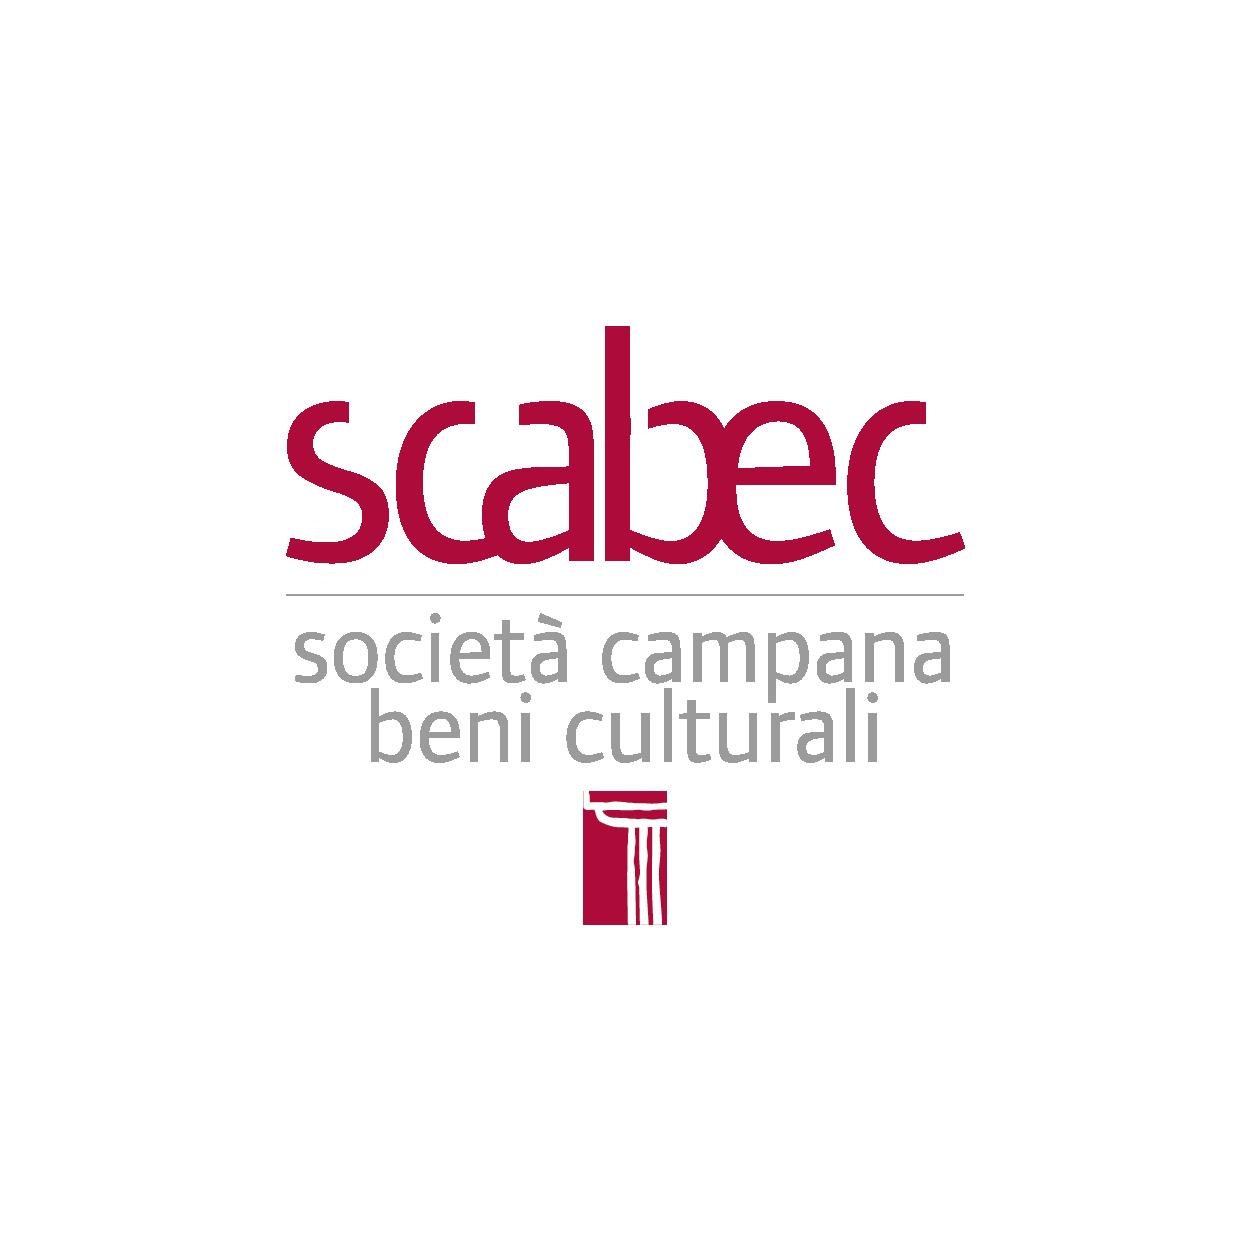 Scabec - Società Campana Beni Culturali